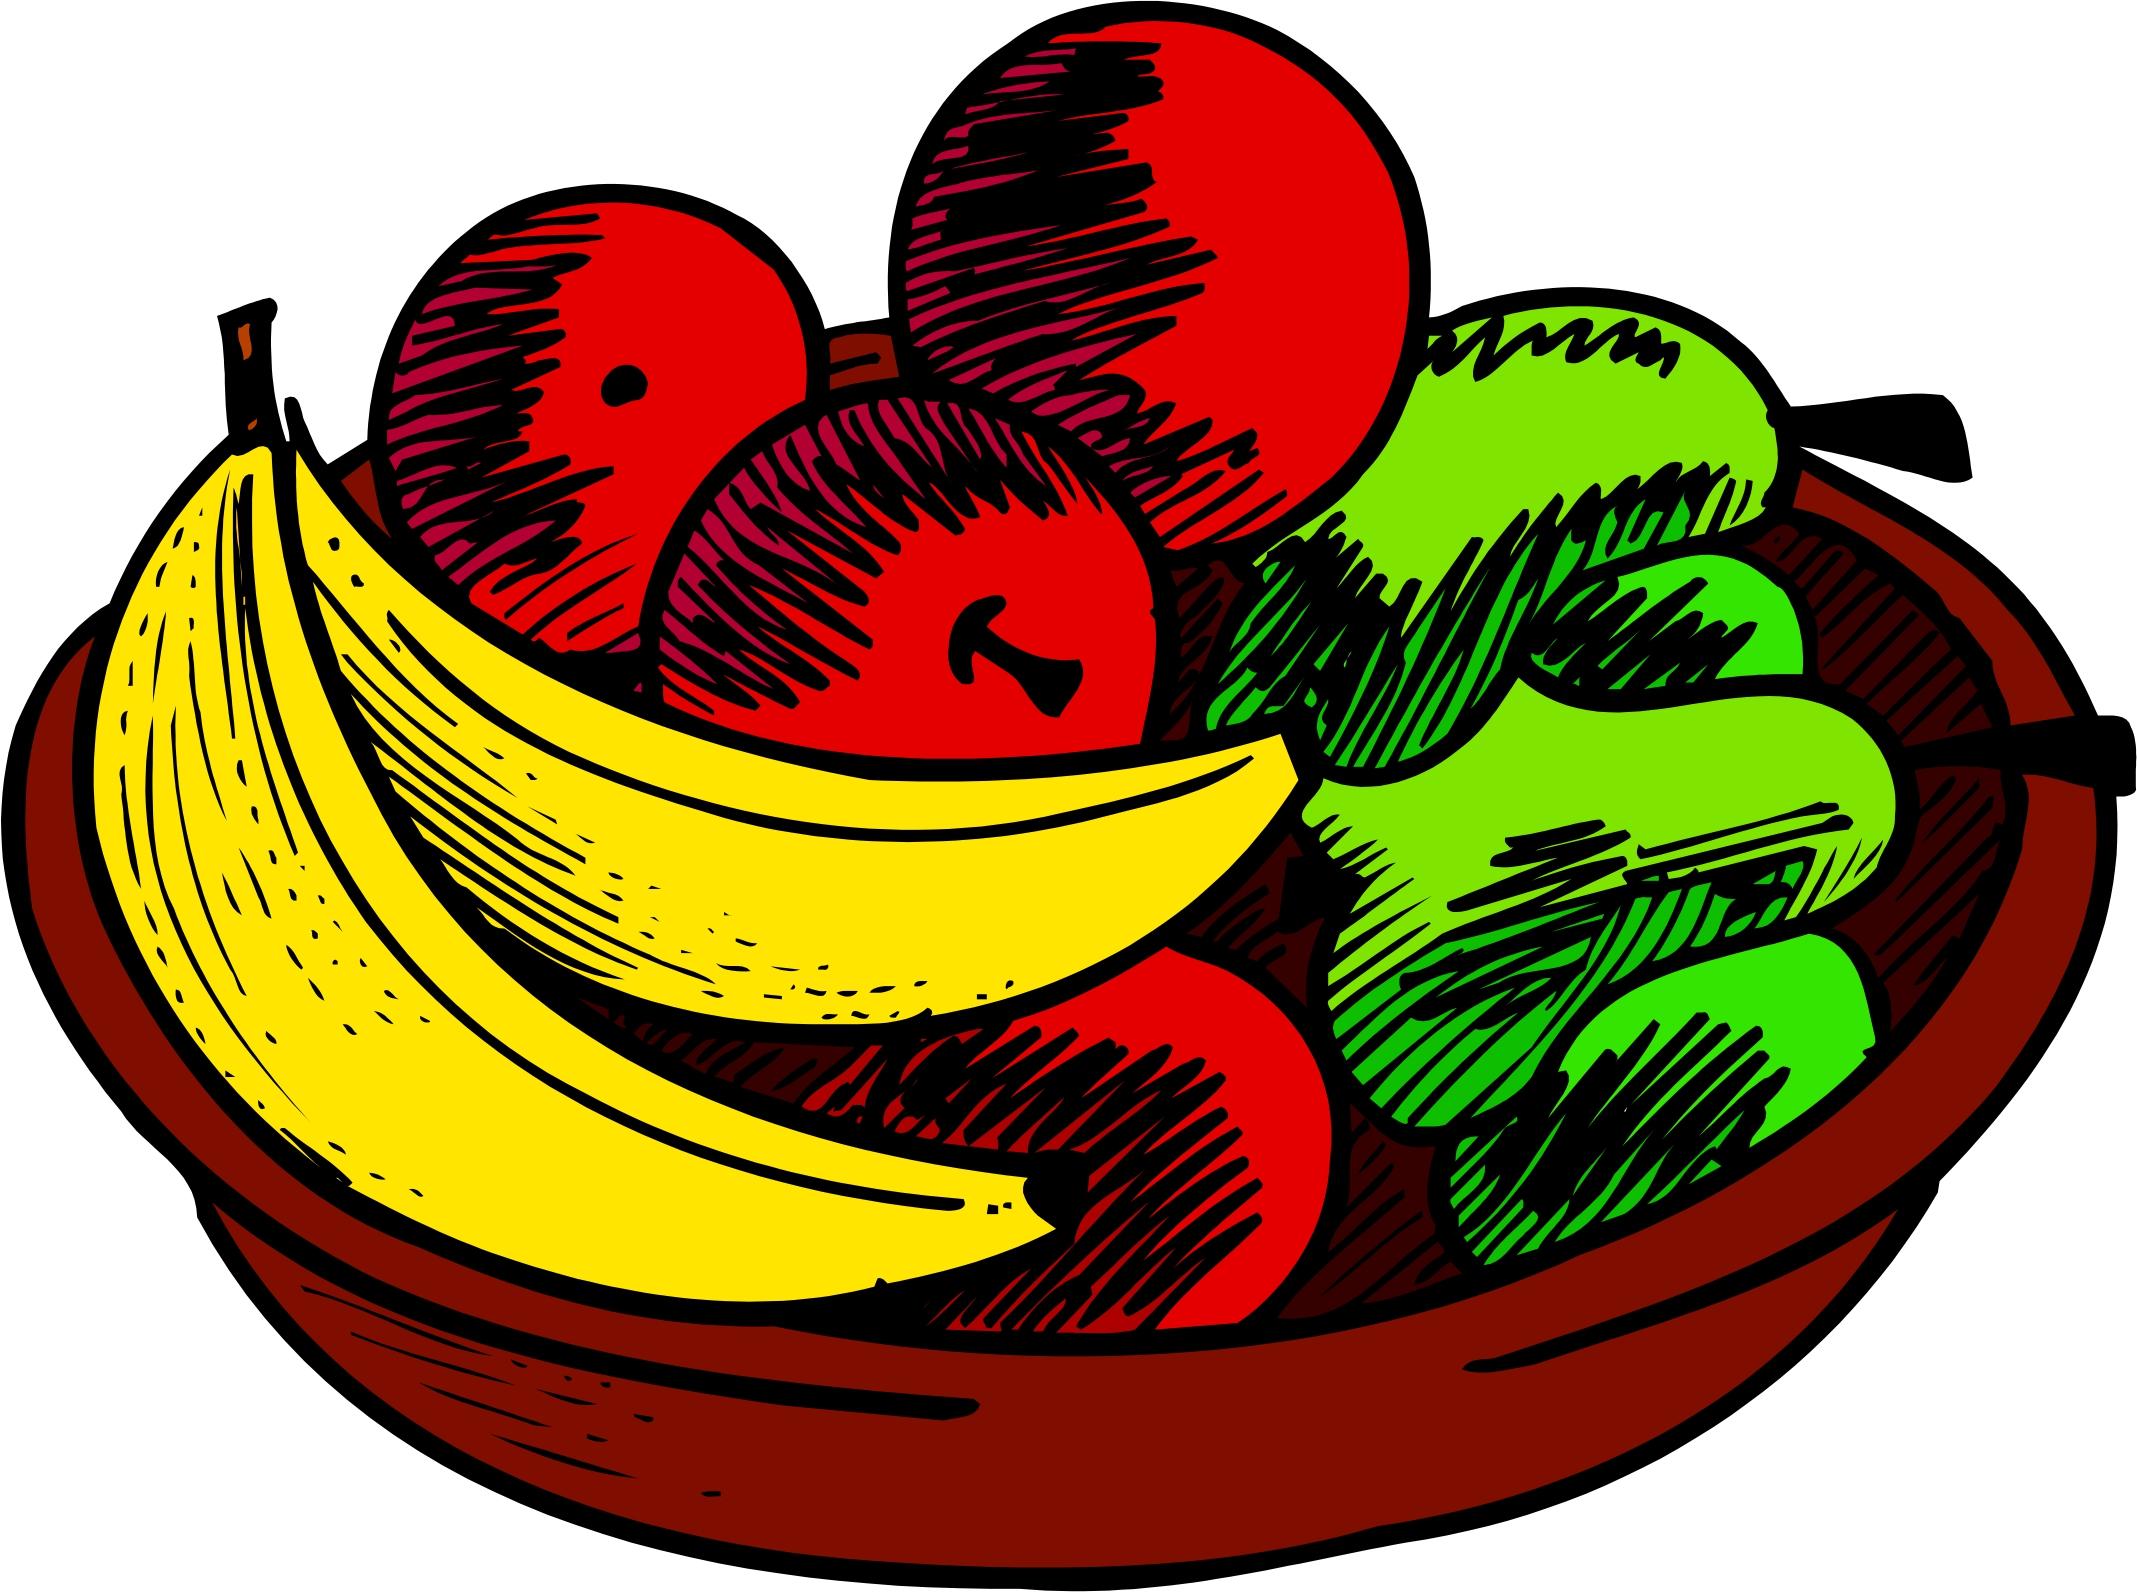 Fruit Bowl Clip Art Images .